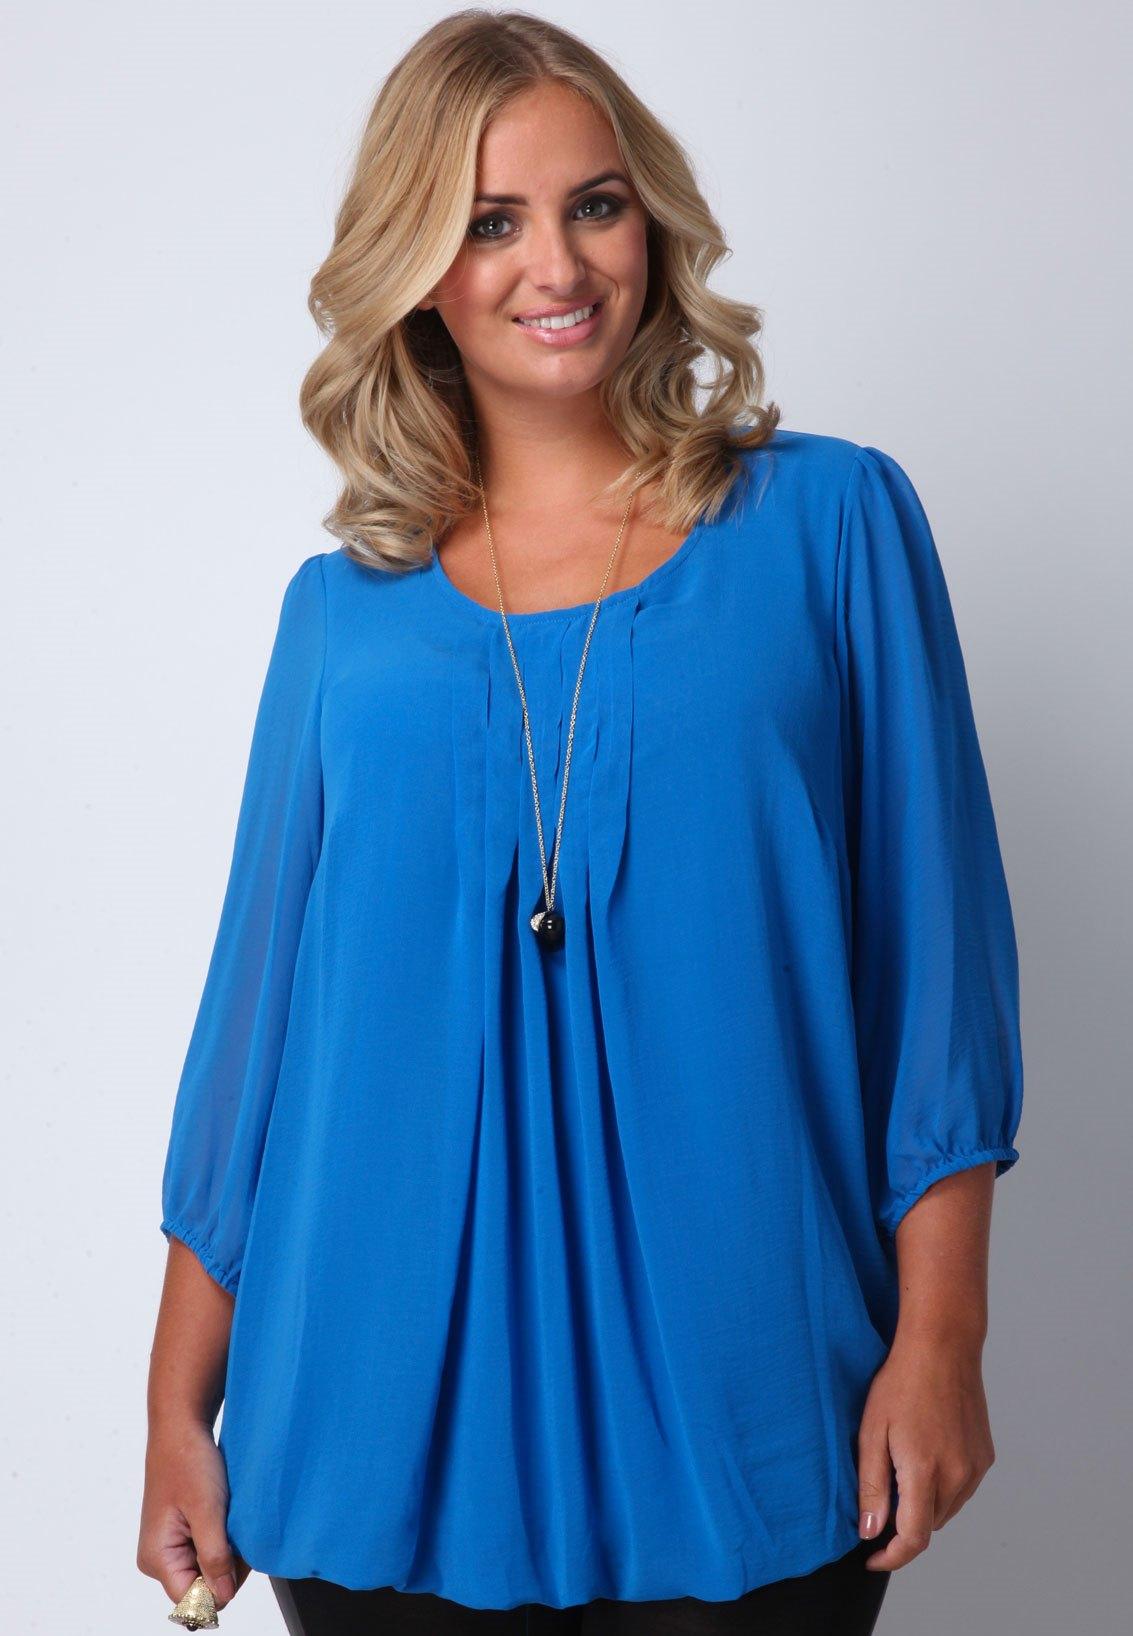 Блузки для полных женщин которые их стройнят выкройка фото 661